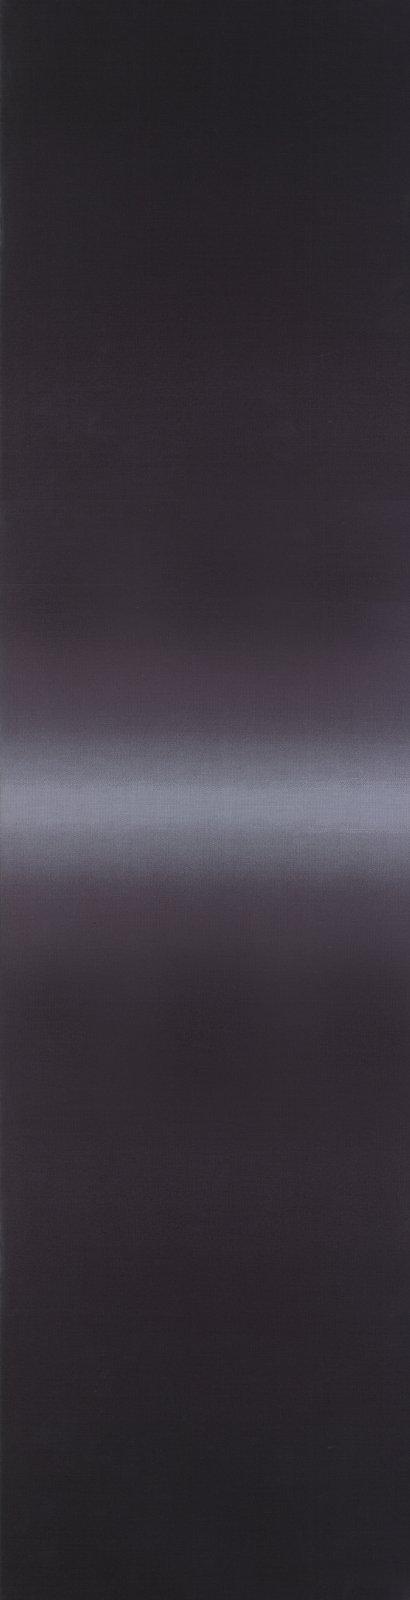 Ombre Onyx